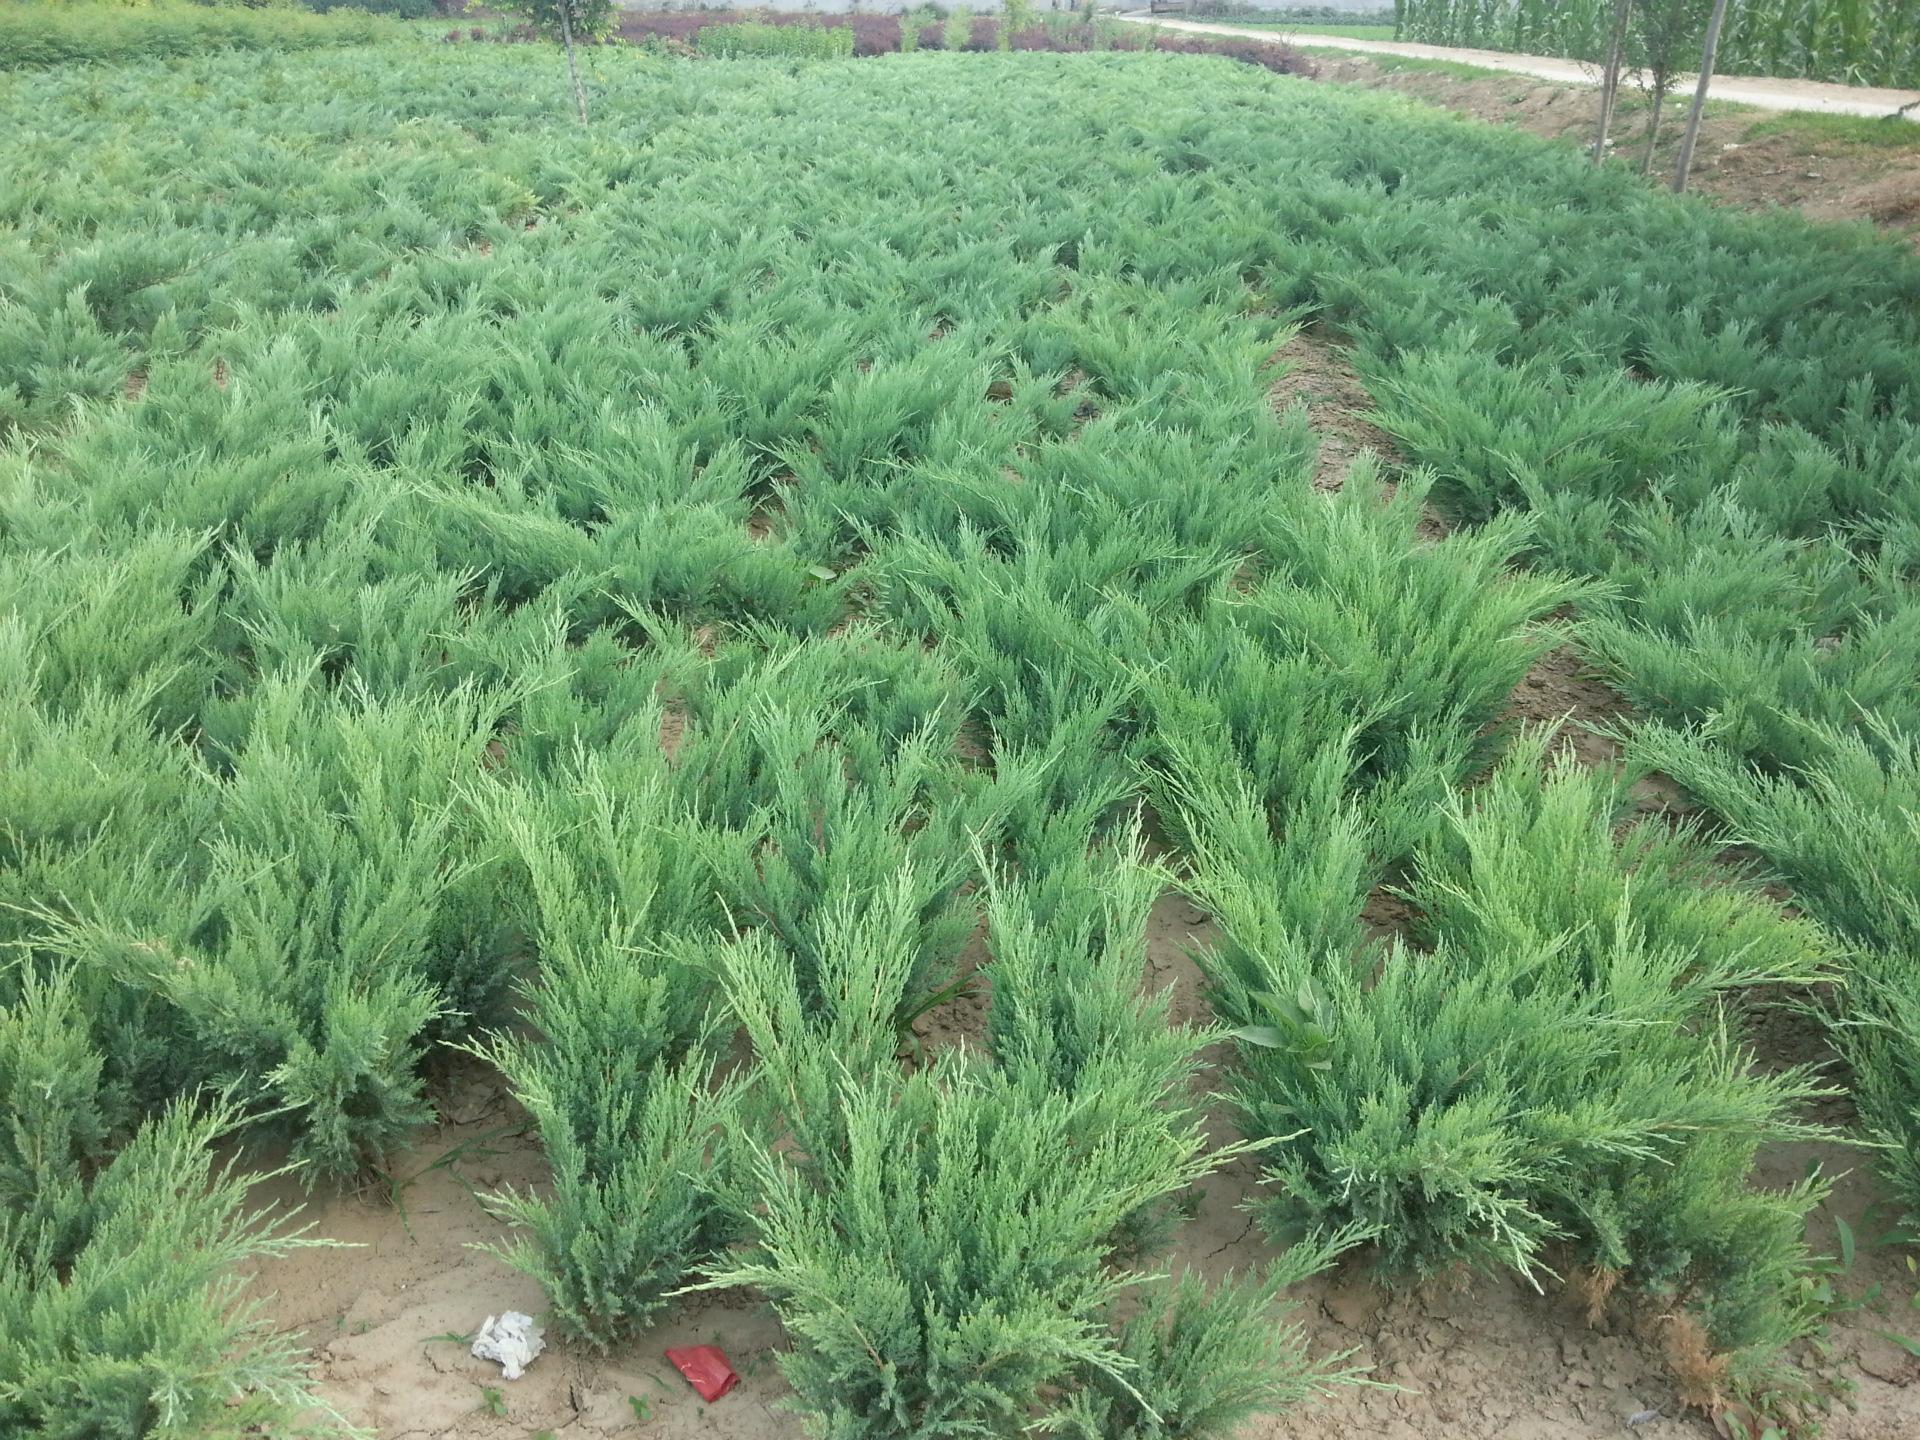 出售绿化苗 地柏 铺地柏 沙地柏 四季常青苗 工程绿化苗 量大从优